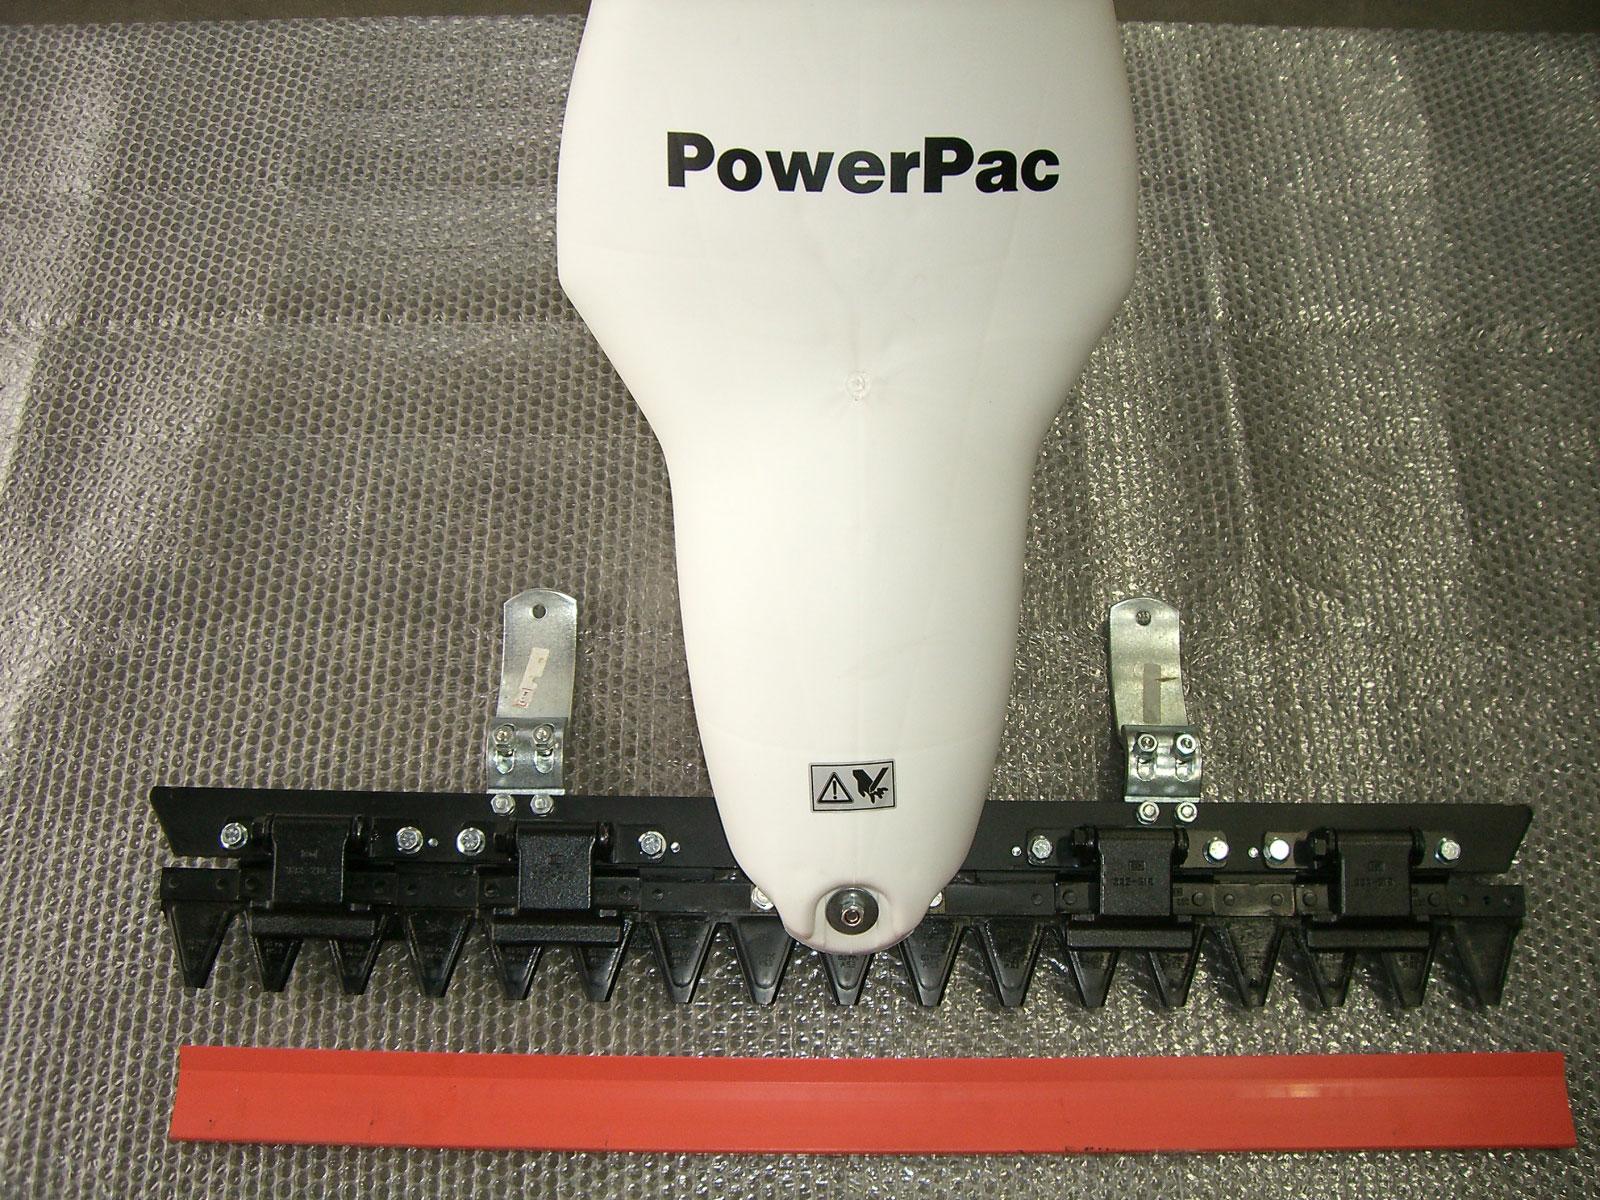 Powerpac Mähbalken105cm für Basismodul MK 85 Bild 1